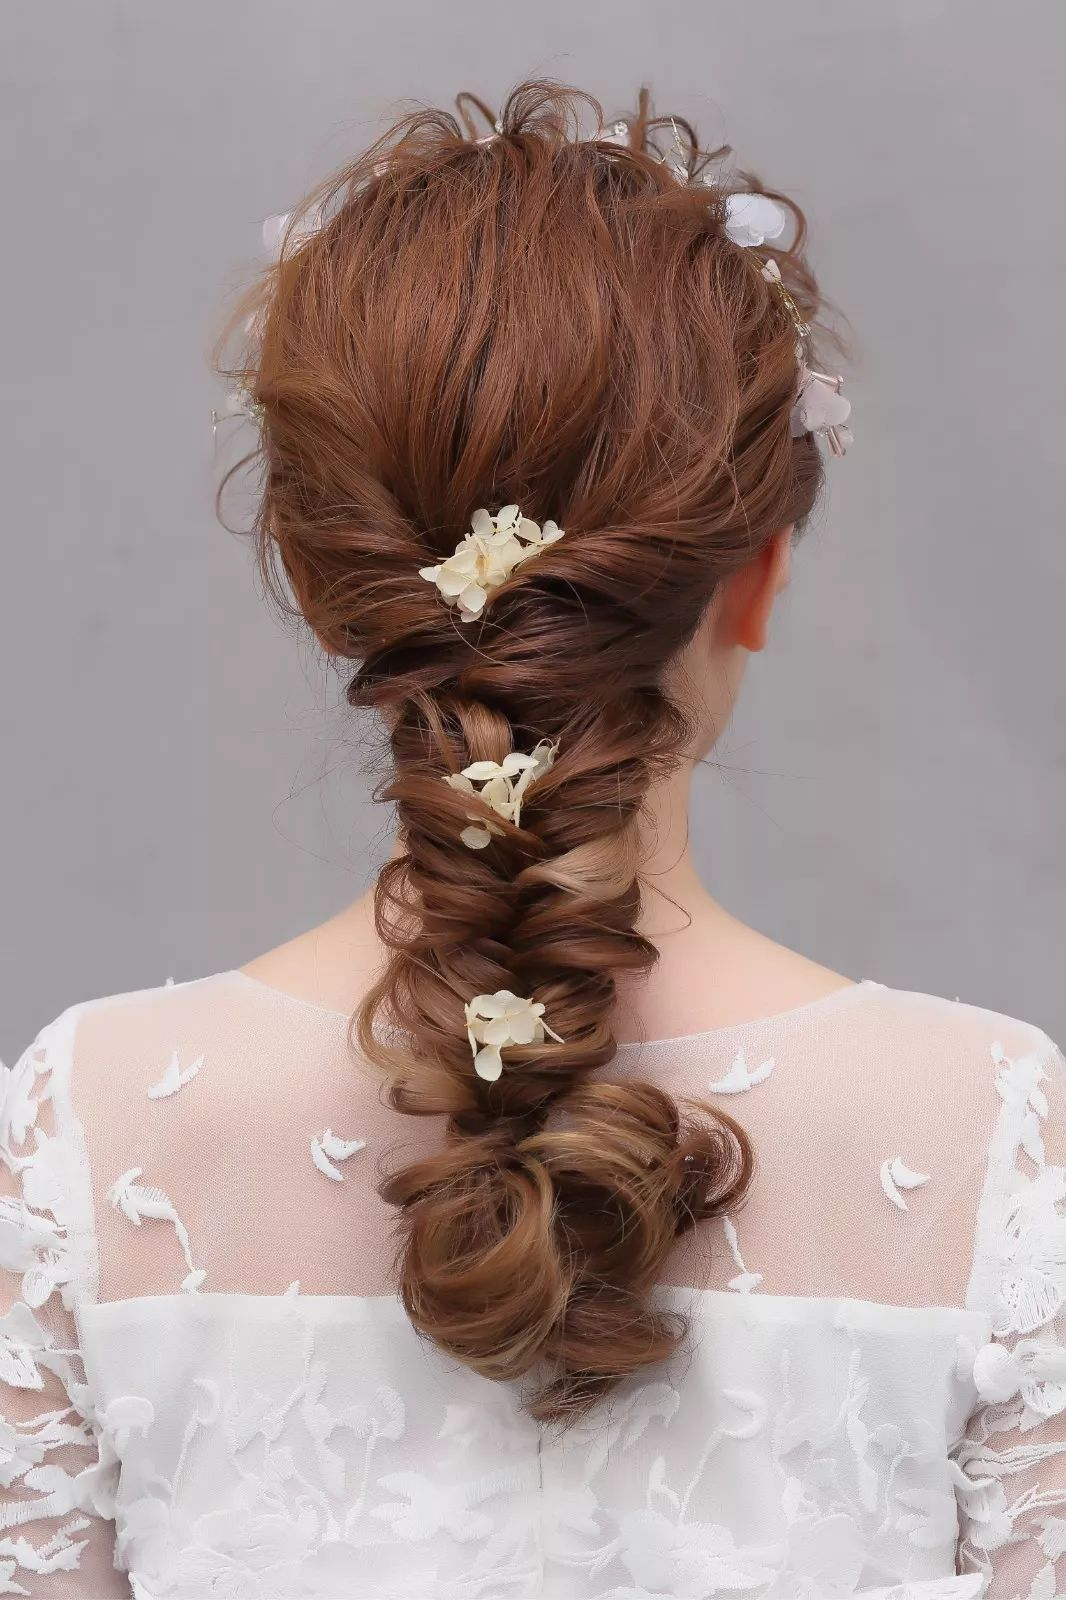 《风尚新娘发型设计白凯南老婆实例》竞选送书TOP10,恭喜你们!